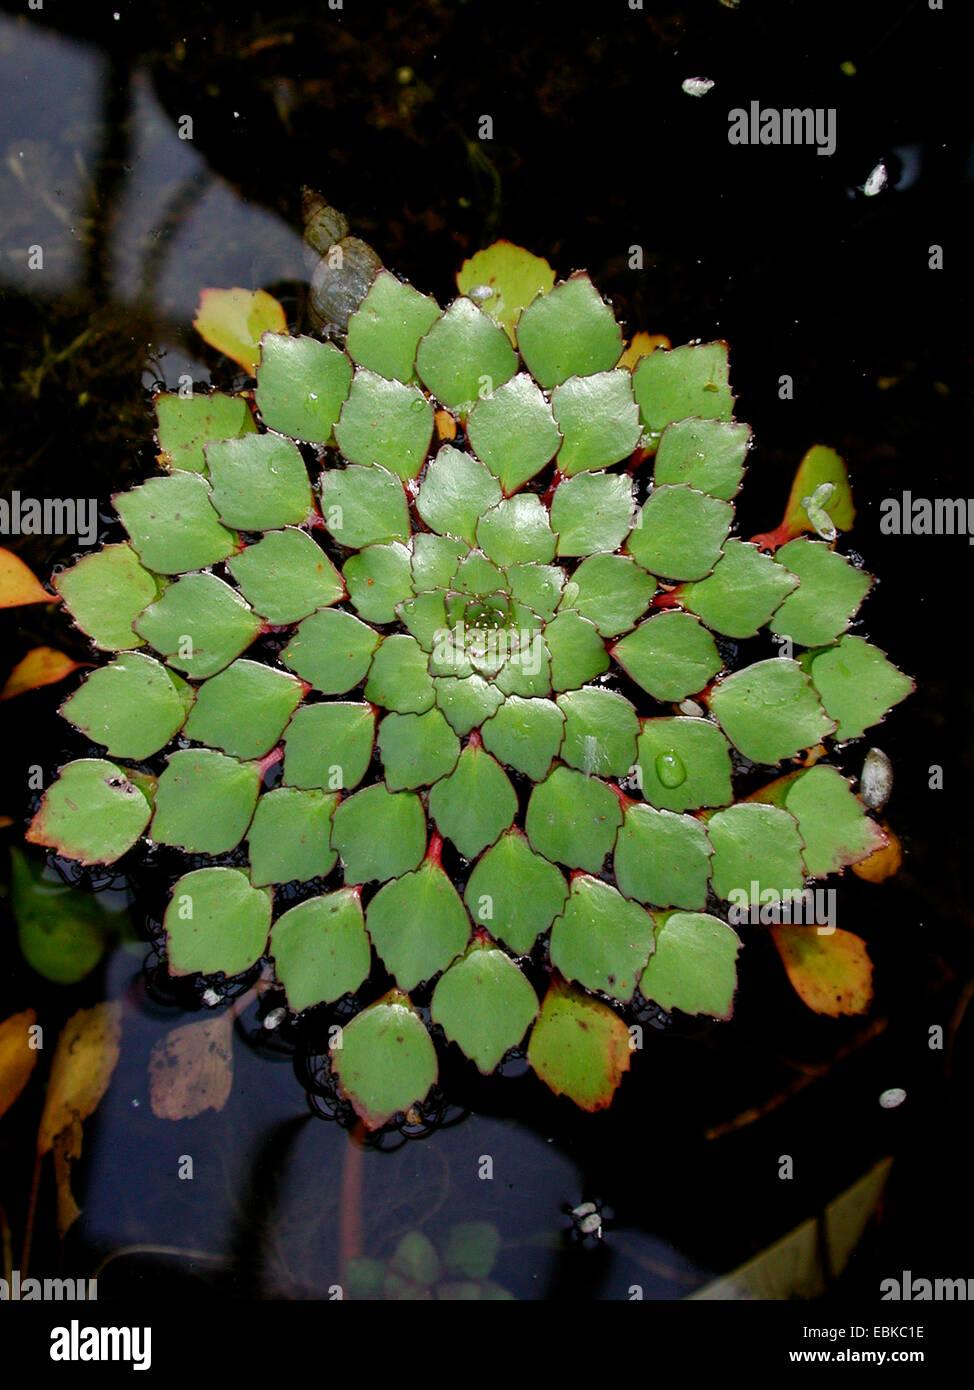 mosaic plant (Ludwigia sedoides) - Stock Image